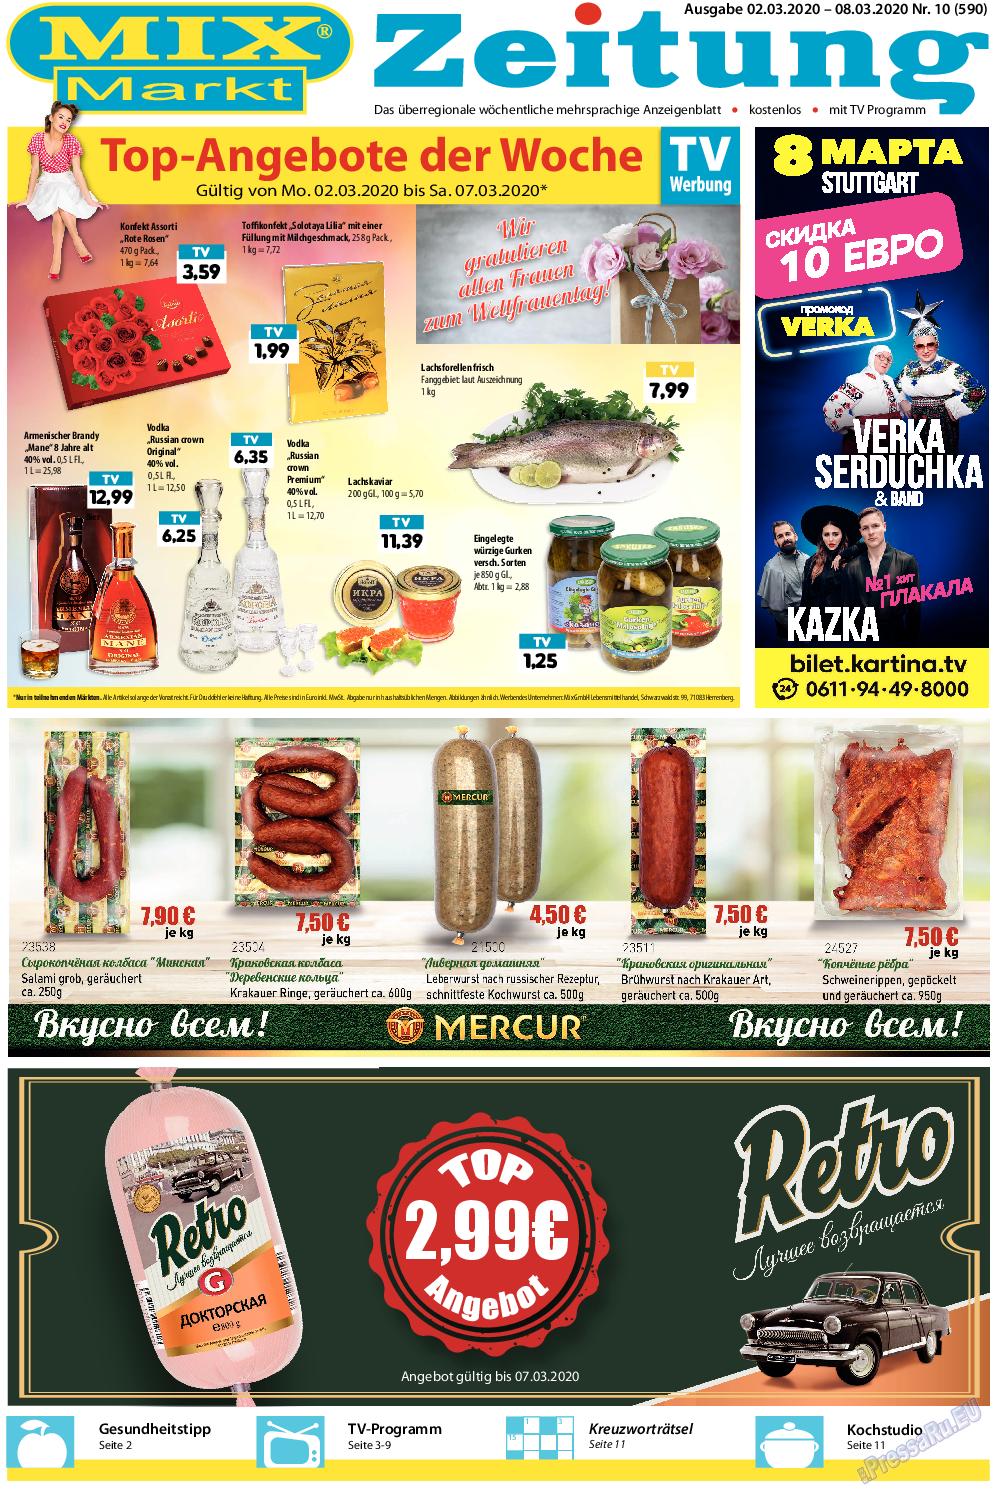 MIX-Markt Zeitung (газета). 2020 год, номер 10, стр. 1